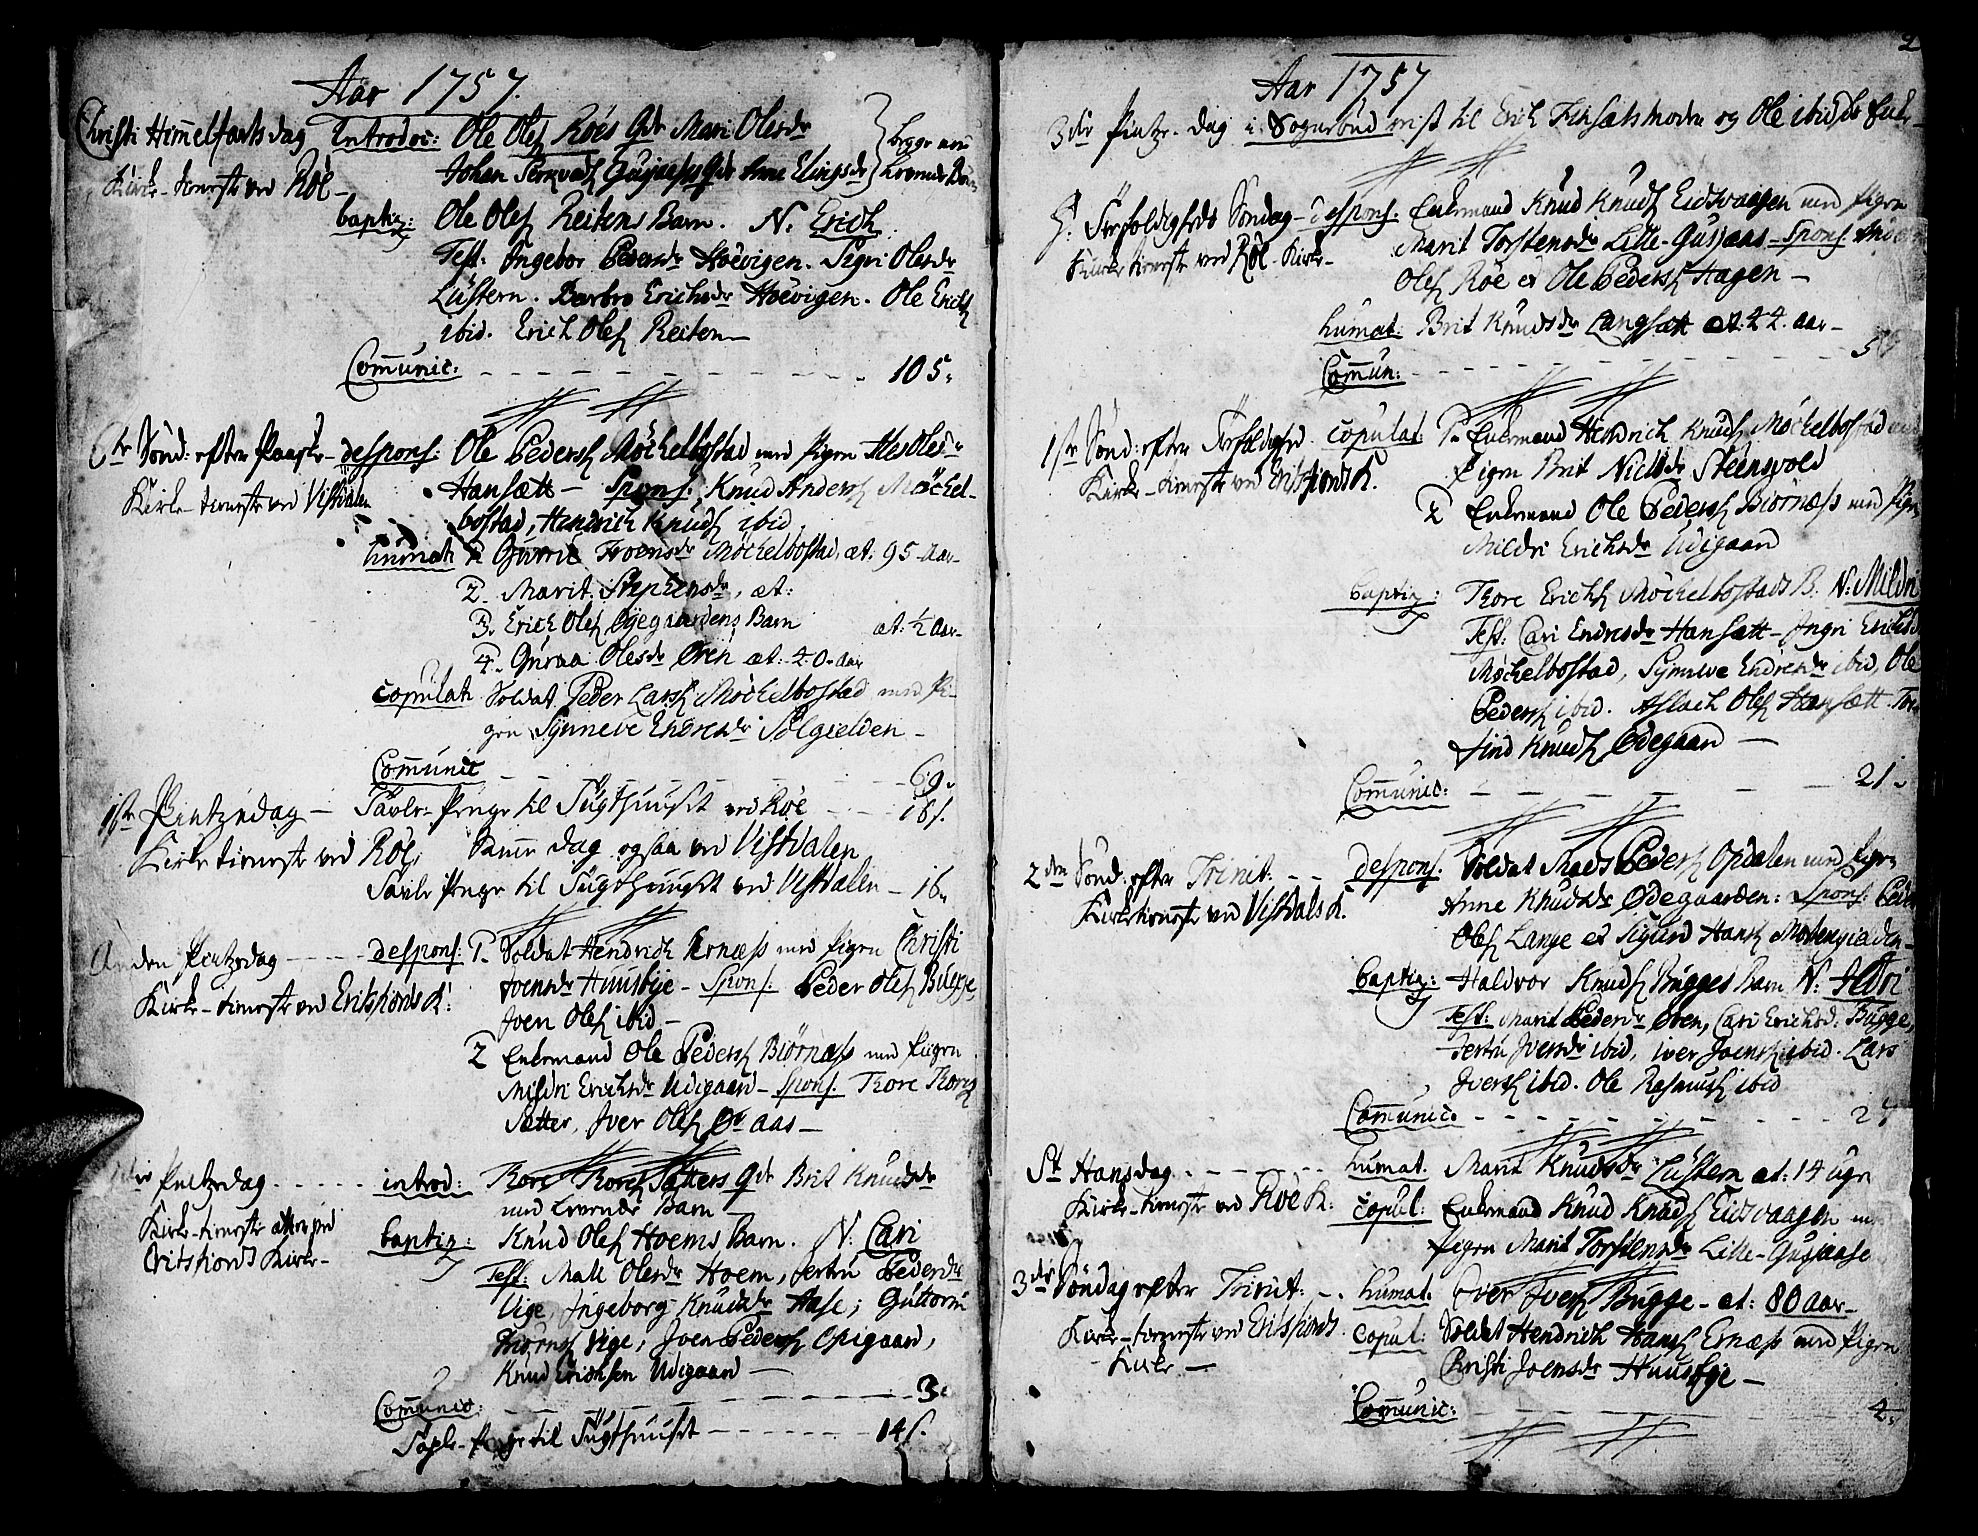 SAT, Ministerialprotokoller, klokkerbøker og fødselsregistre - Møre og Romsdal, 551/L0621: Ministerialbok nr. 551A01, 1757-1803, s. 2